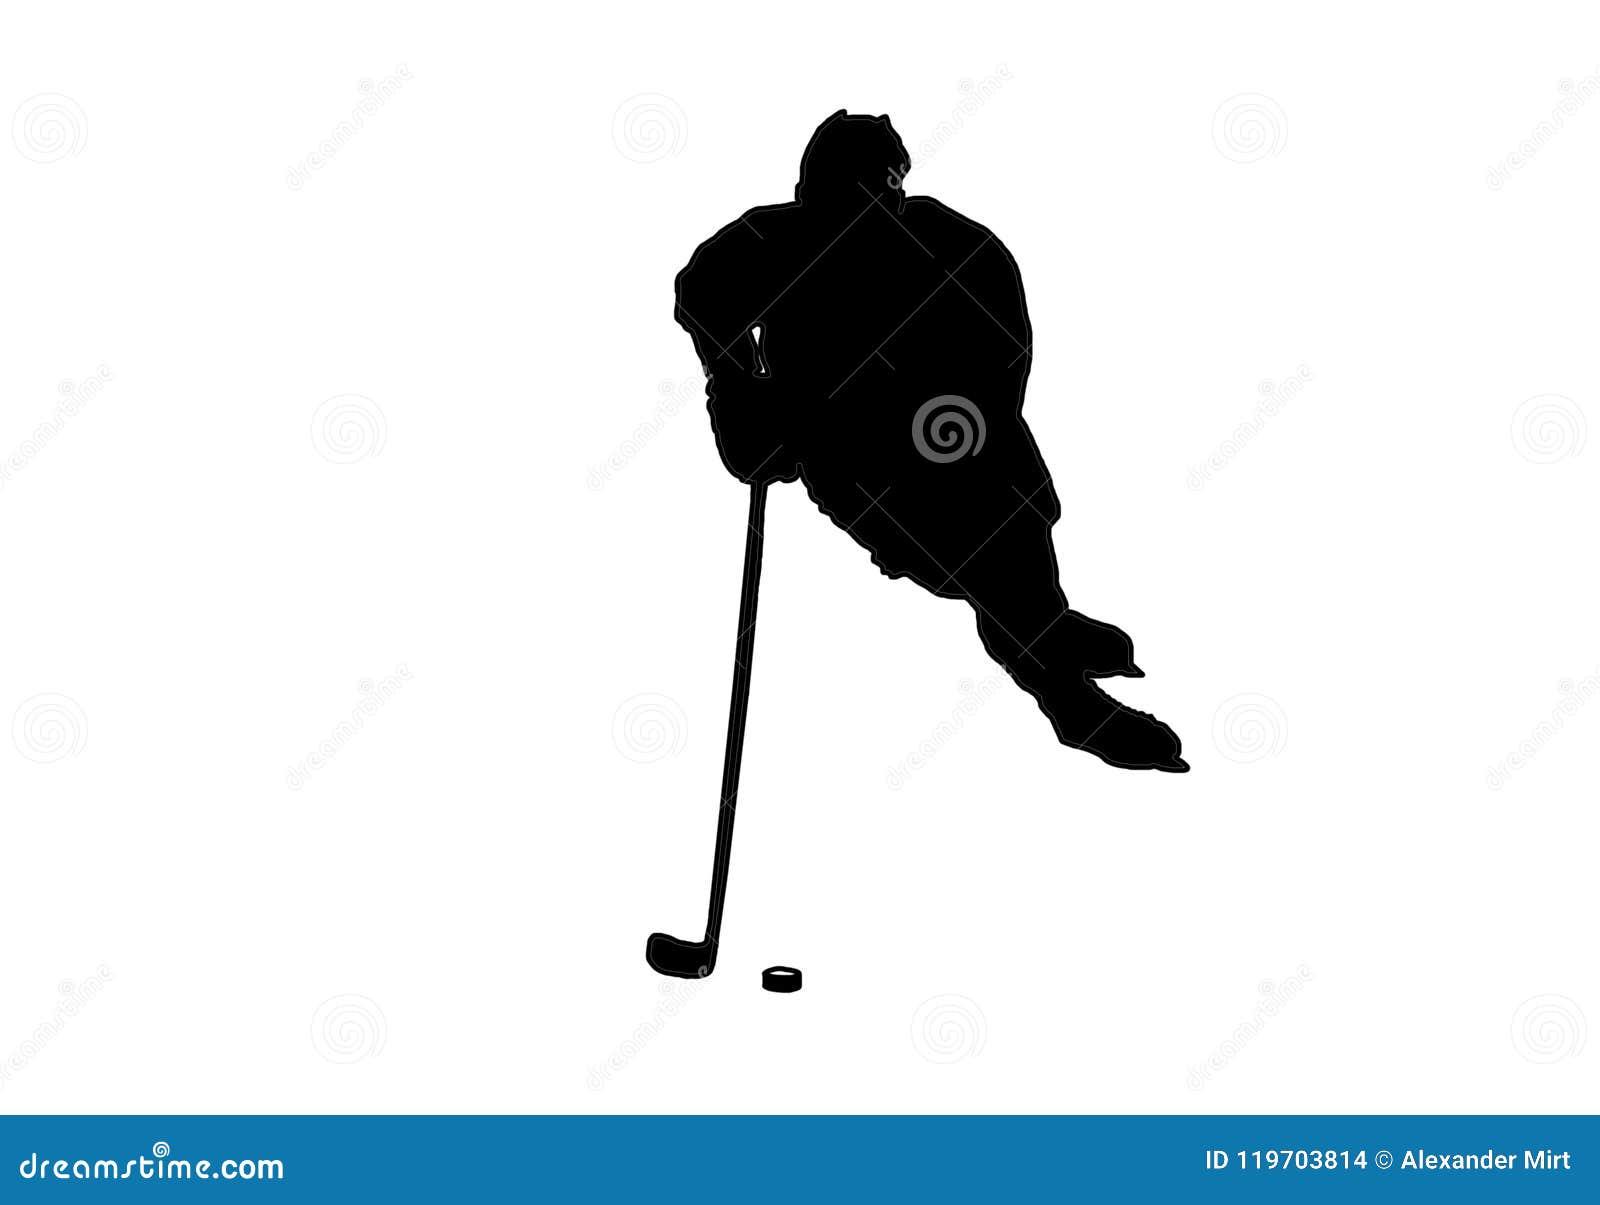 Immagine di vettore del giocatore di hockey su ghiaccio